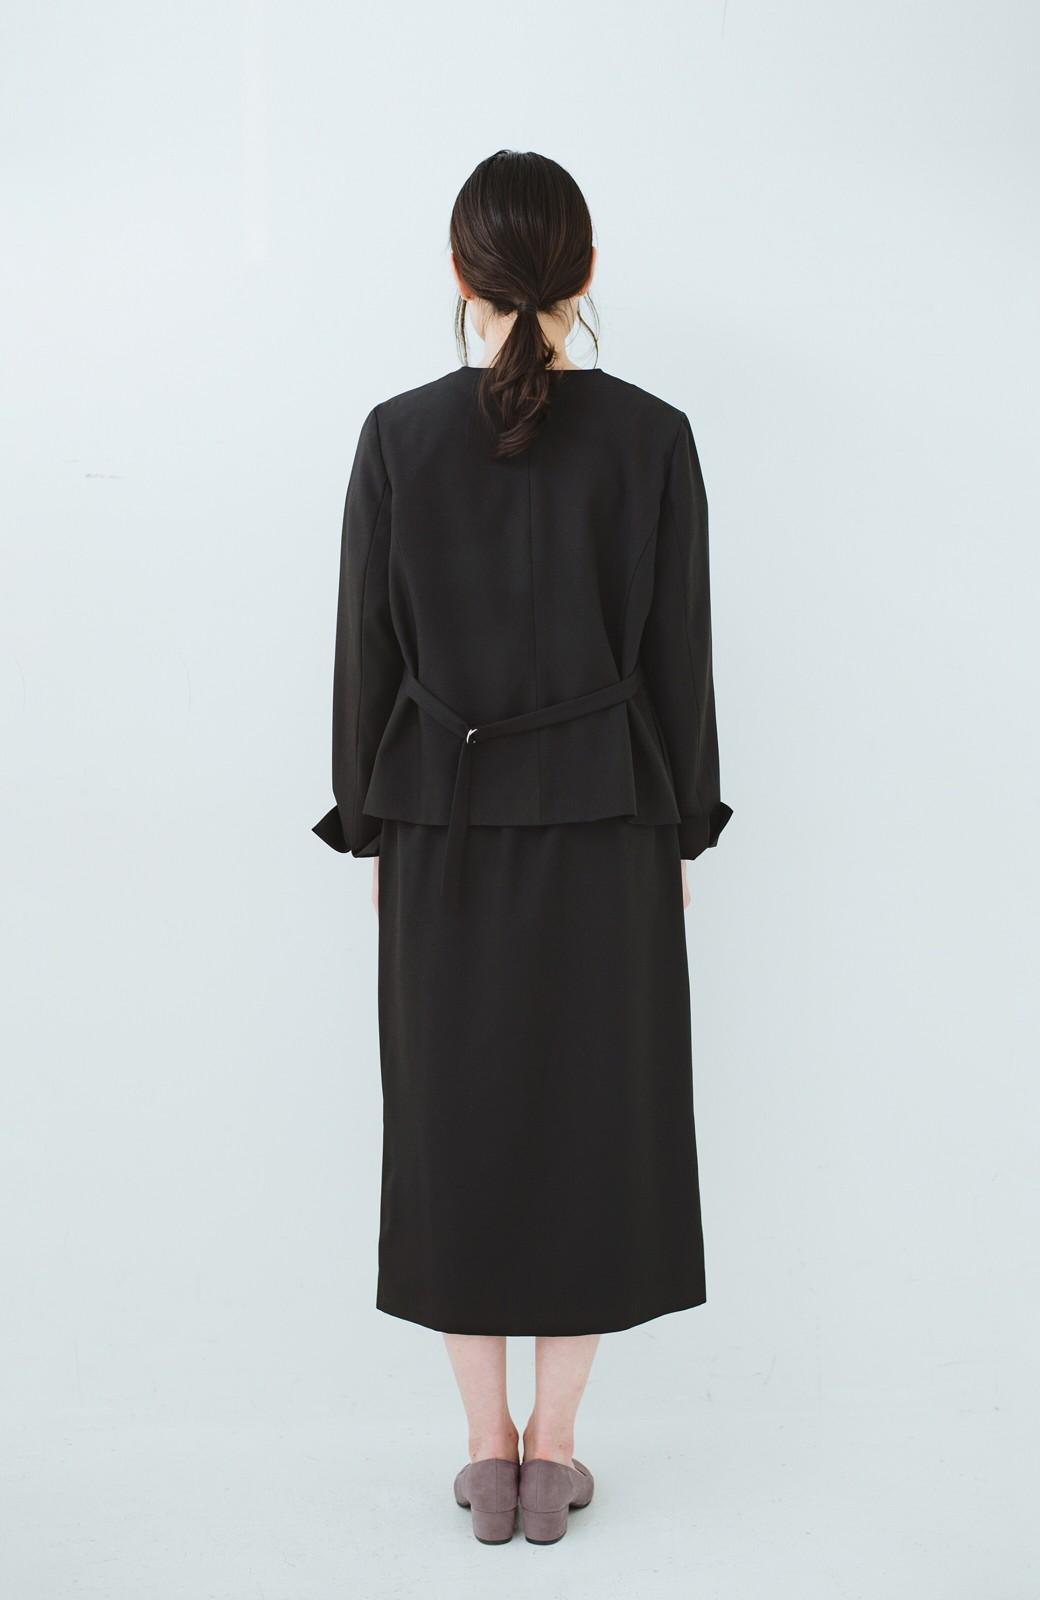 haco! 持っていると便利な野暮ったくならないフォーマルジャケット・パンツ・スカートの3点セット <ブラック>の商品写真9